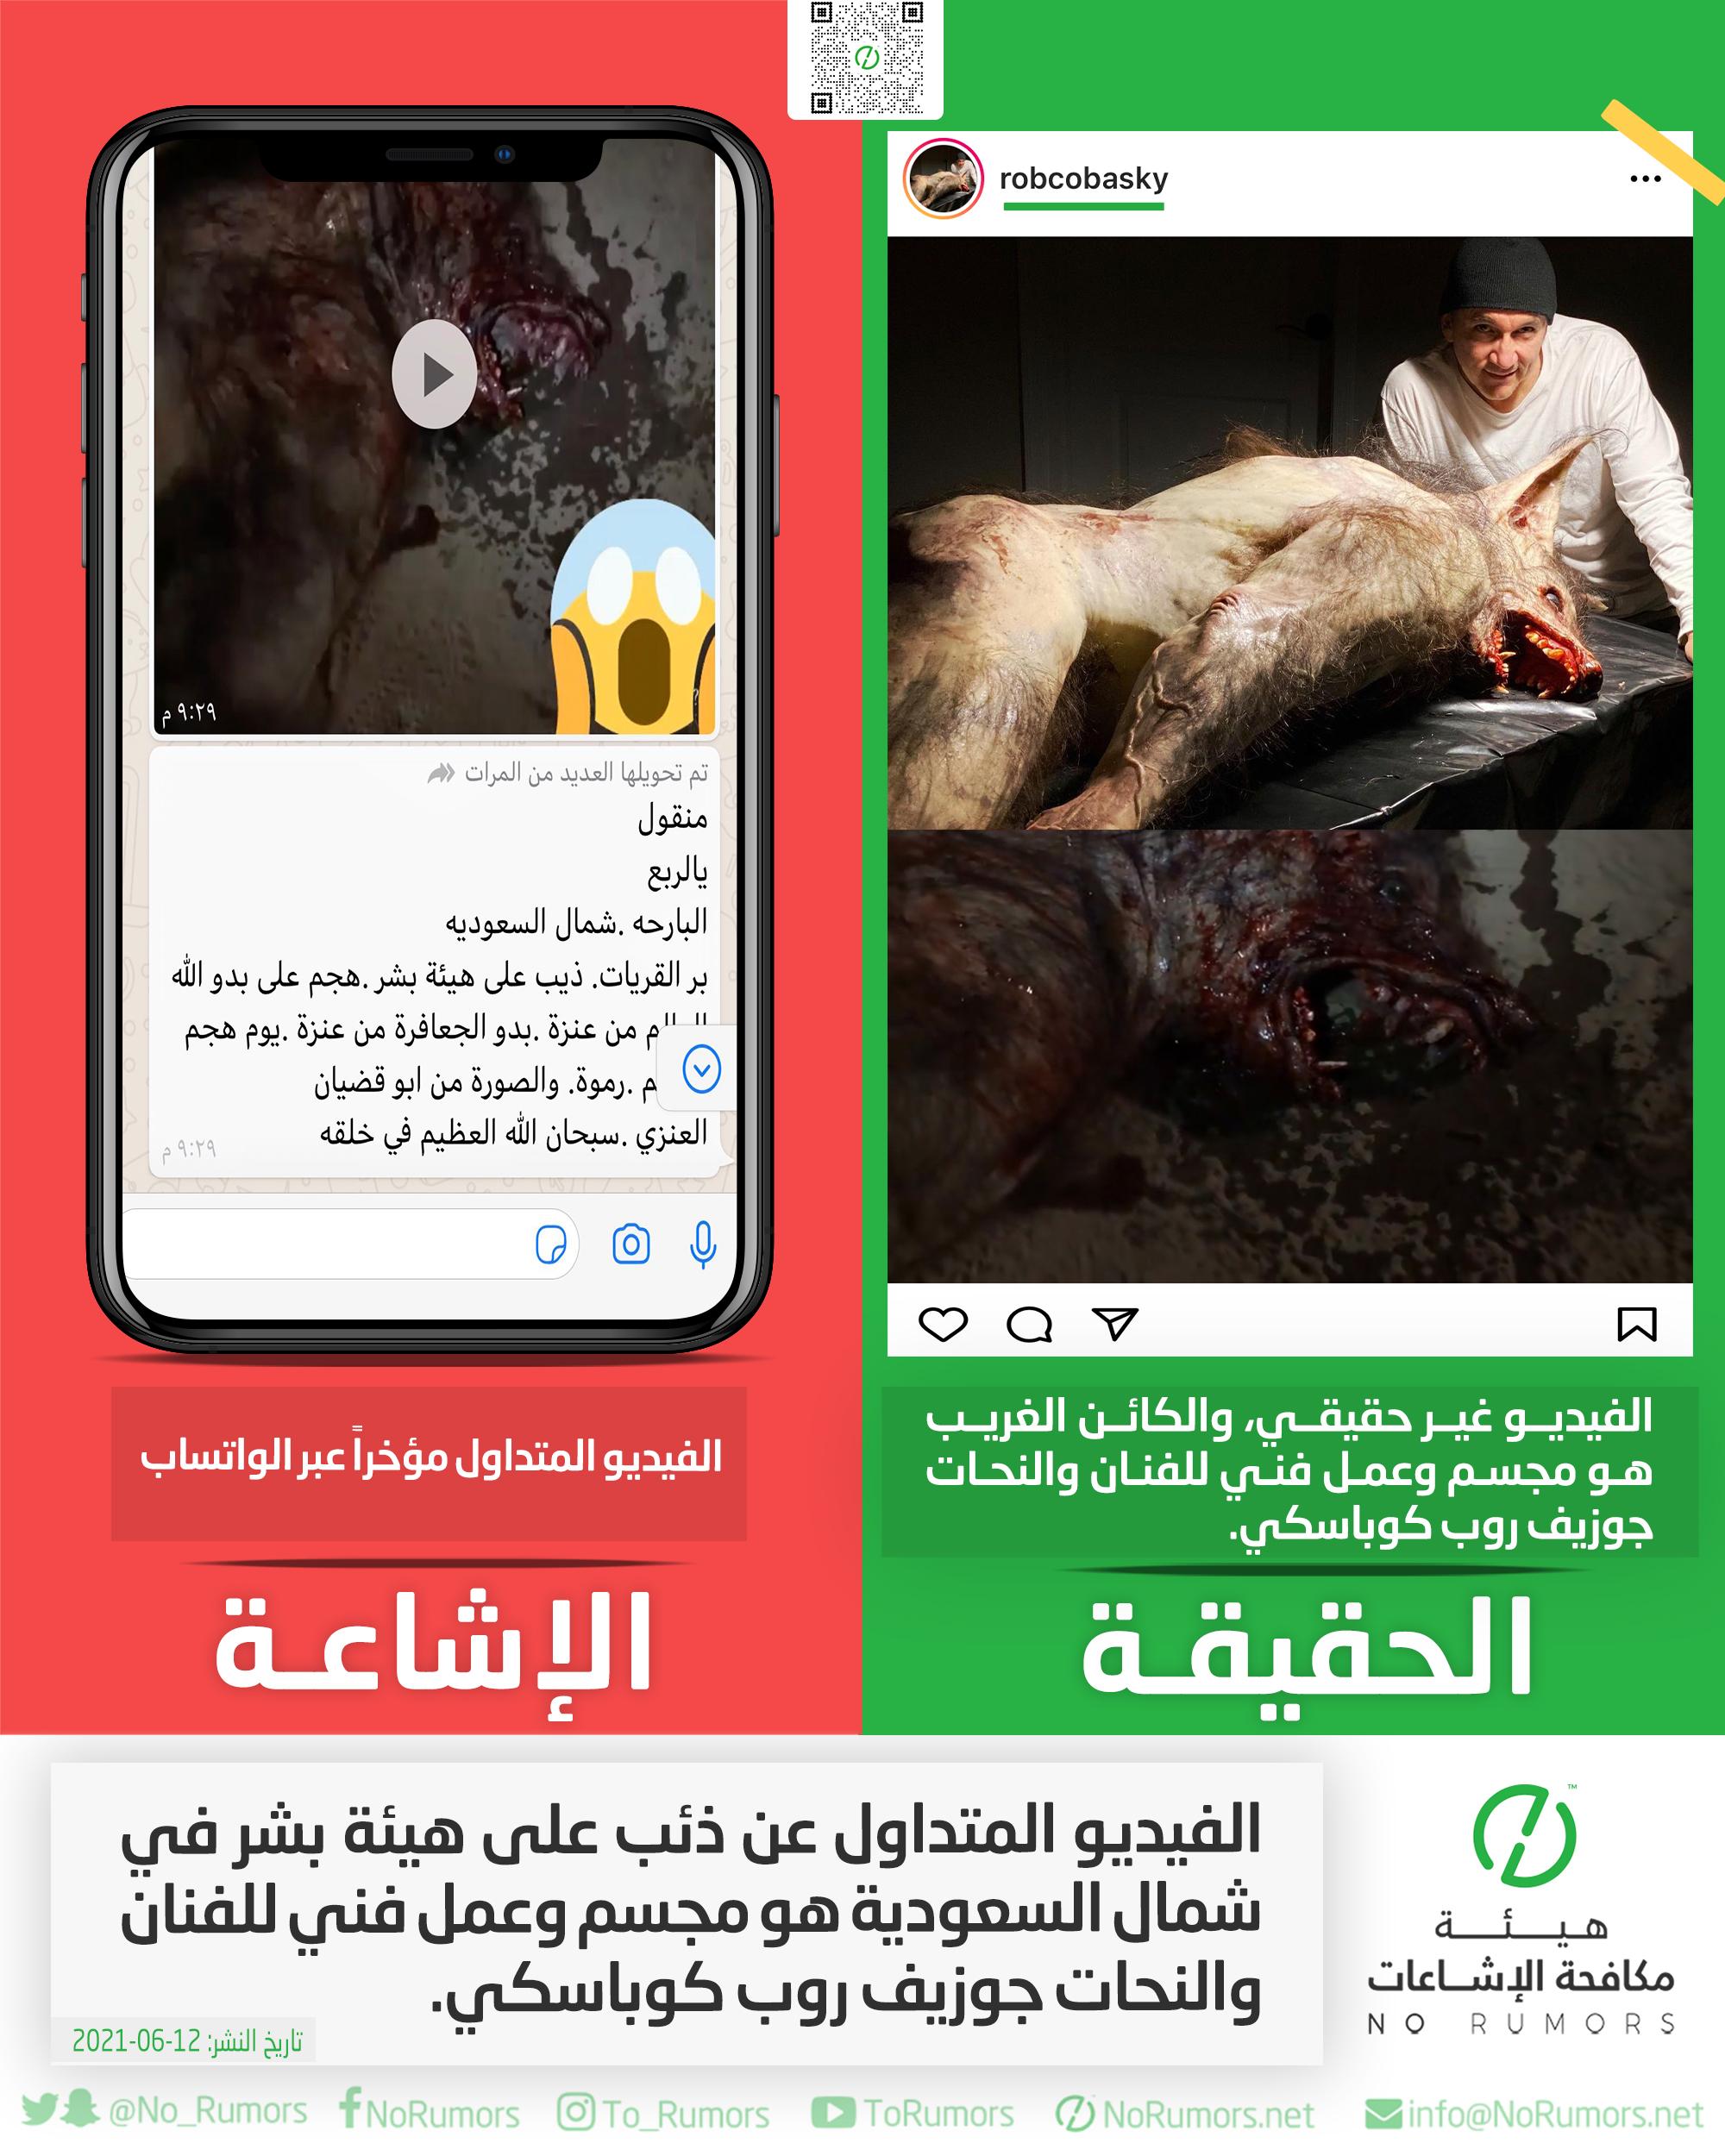 حقيقة الفيديو المتداول عن ذئب على هيئة بشر في شمال السعودية